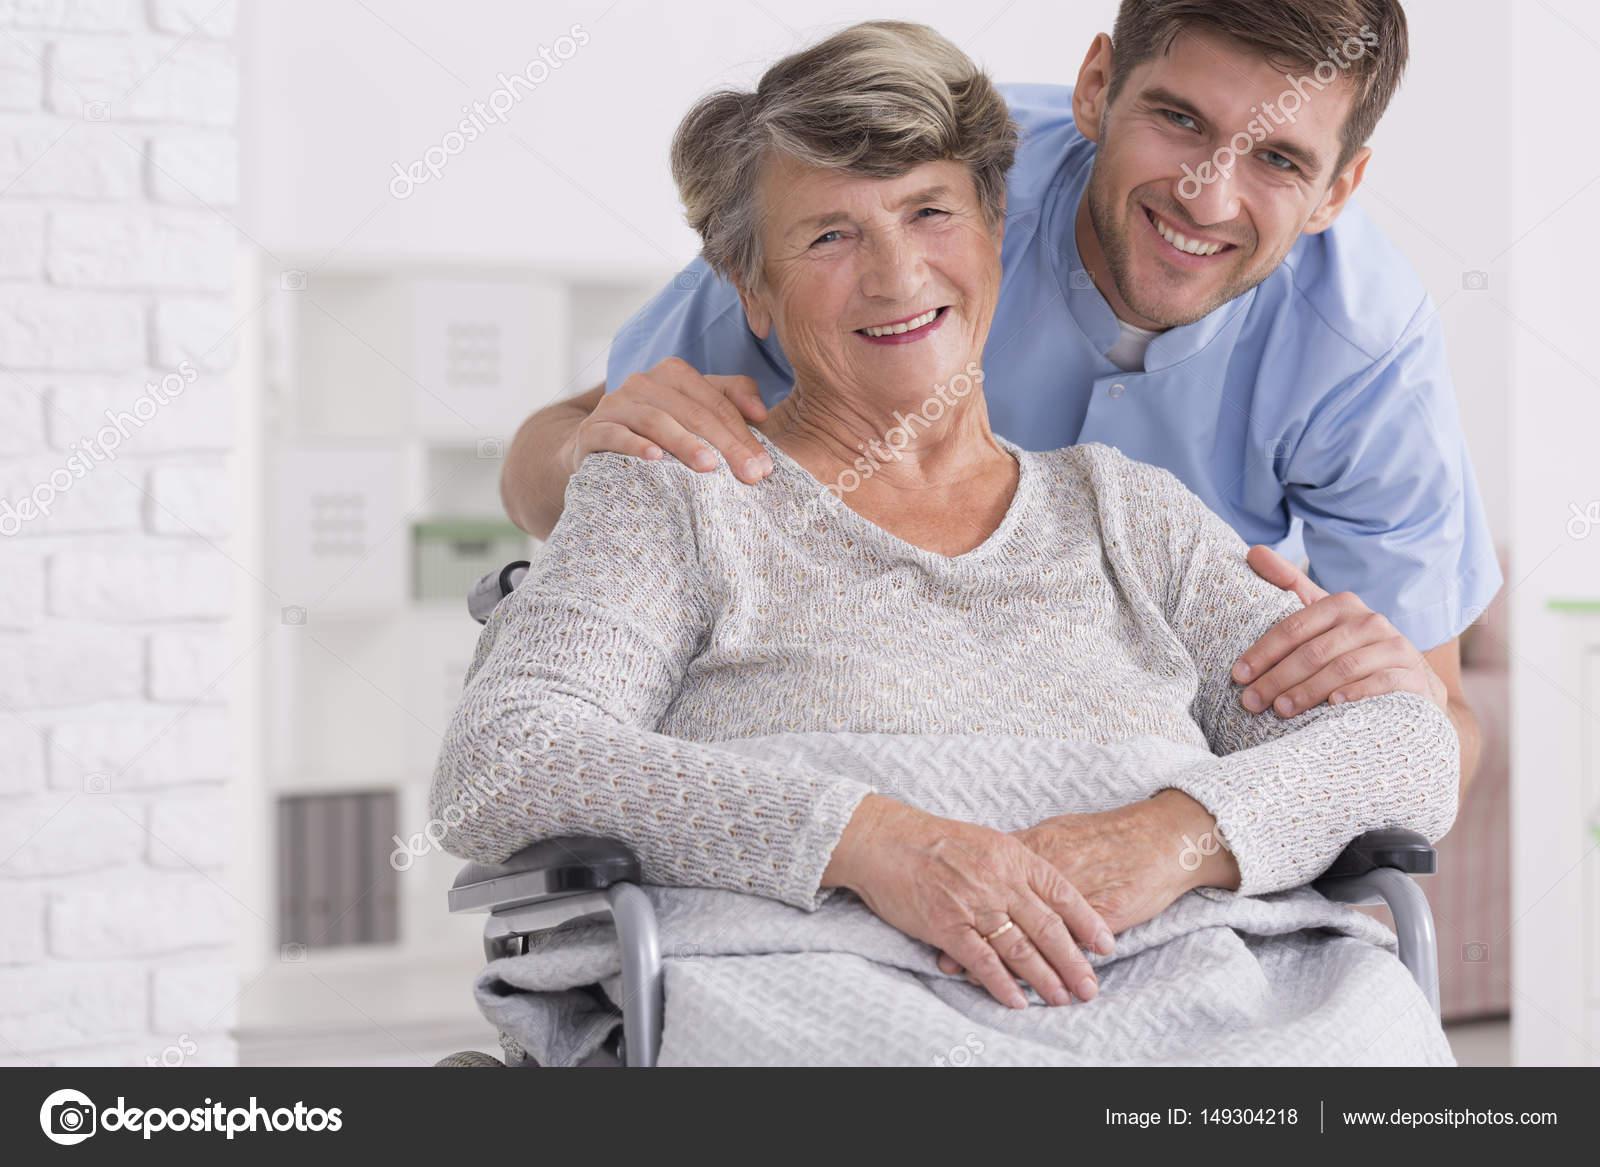 Asistente de mayores cuidados con alegre mujer con discapacidad en ancianos  — Foto de photographee.eu